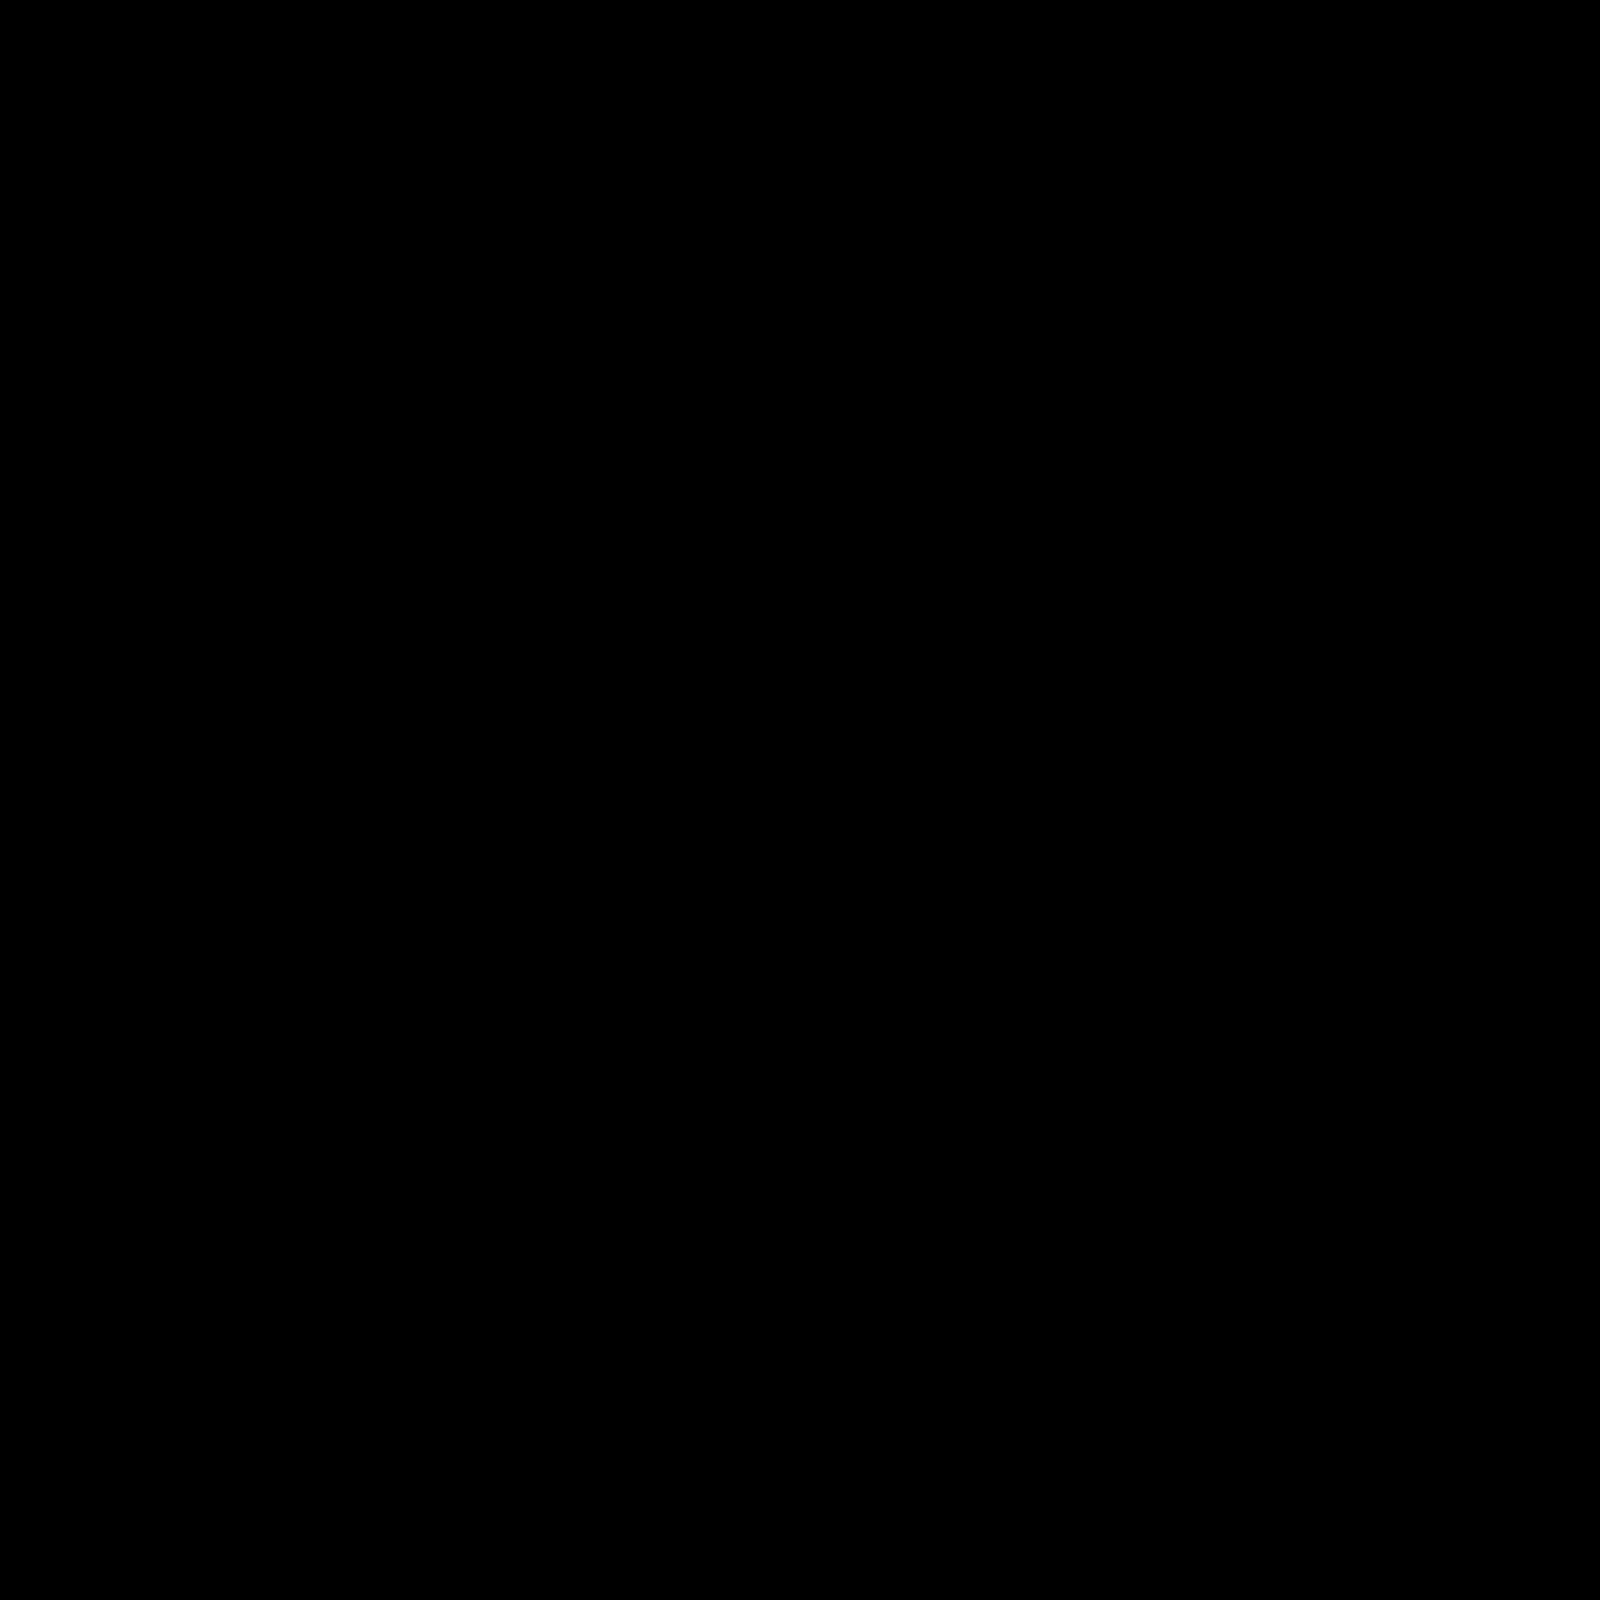 搜索 icon. This icon is supposed to represent a magnifying glass. It's a large circle with a fat line protruding out from the bottom of it at an angle. The line is meant to represent the handle of the magnifying glass while the circle represents the magnifier portion.